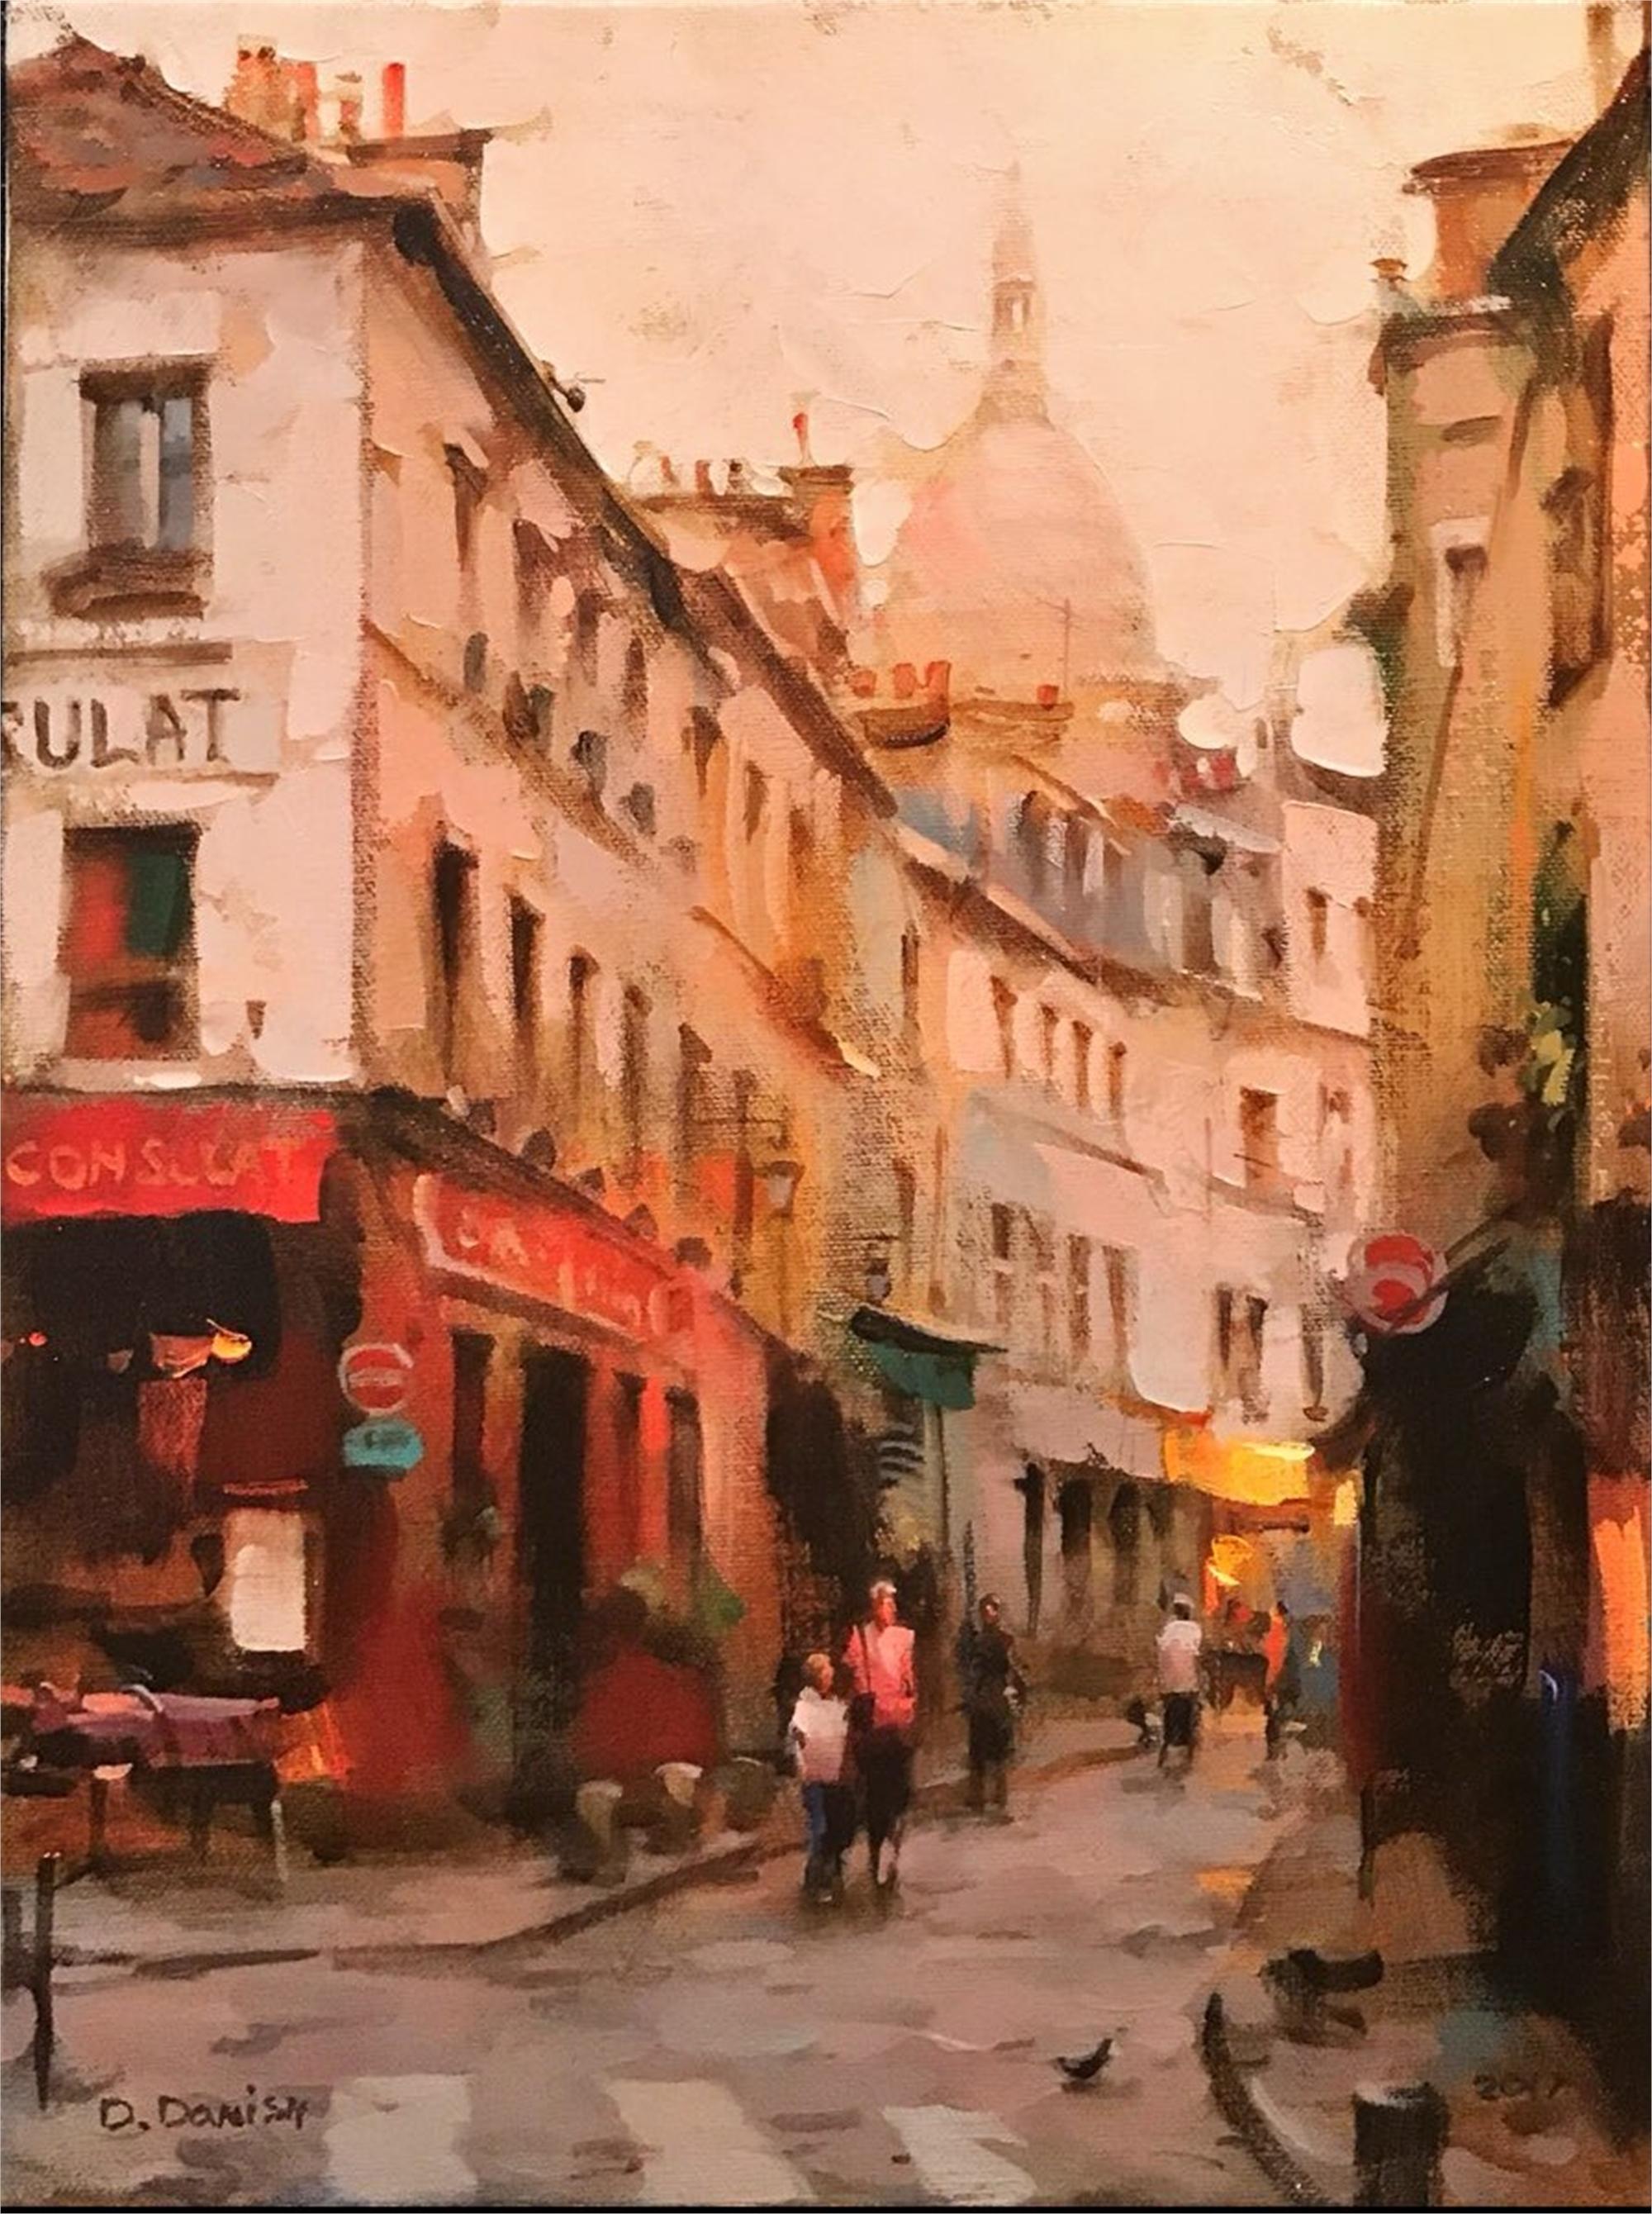 Paris by Dmitri Danish